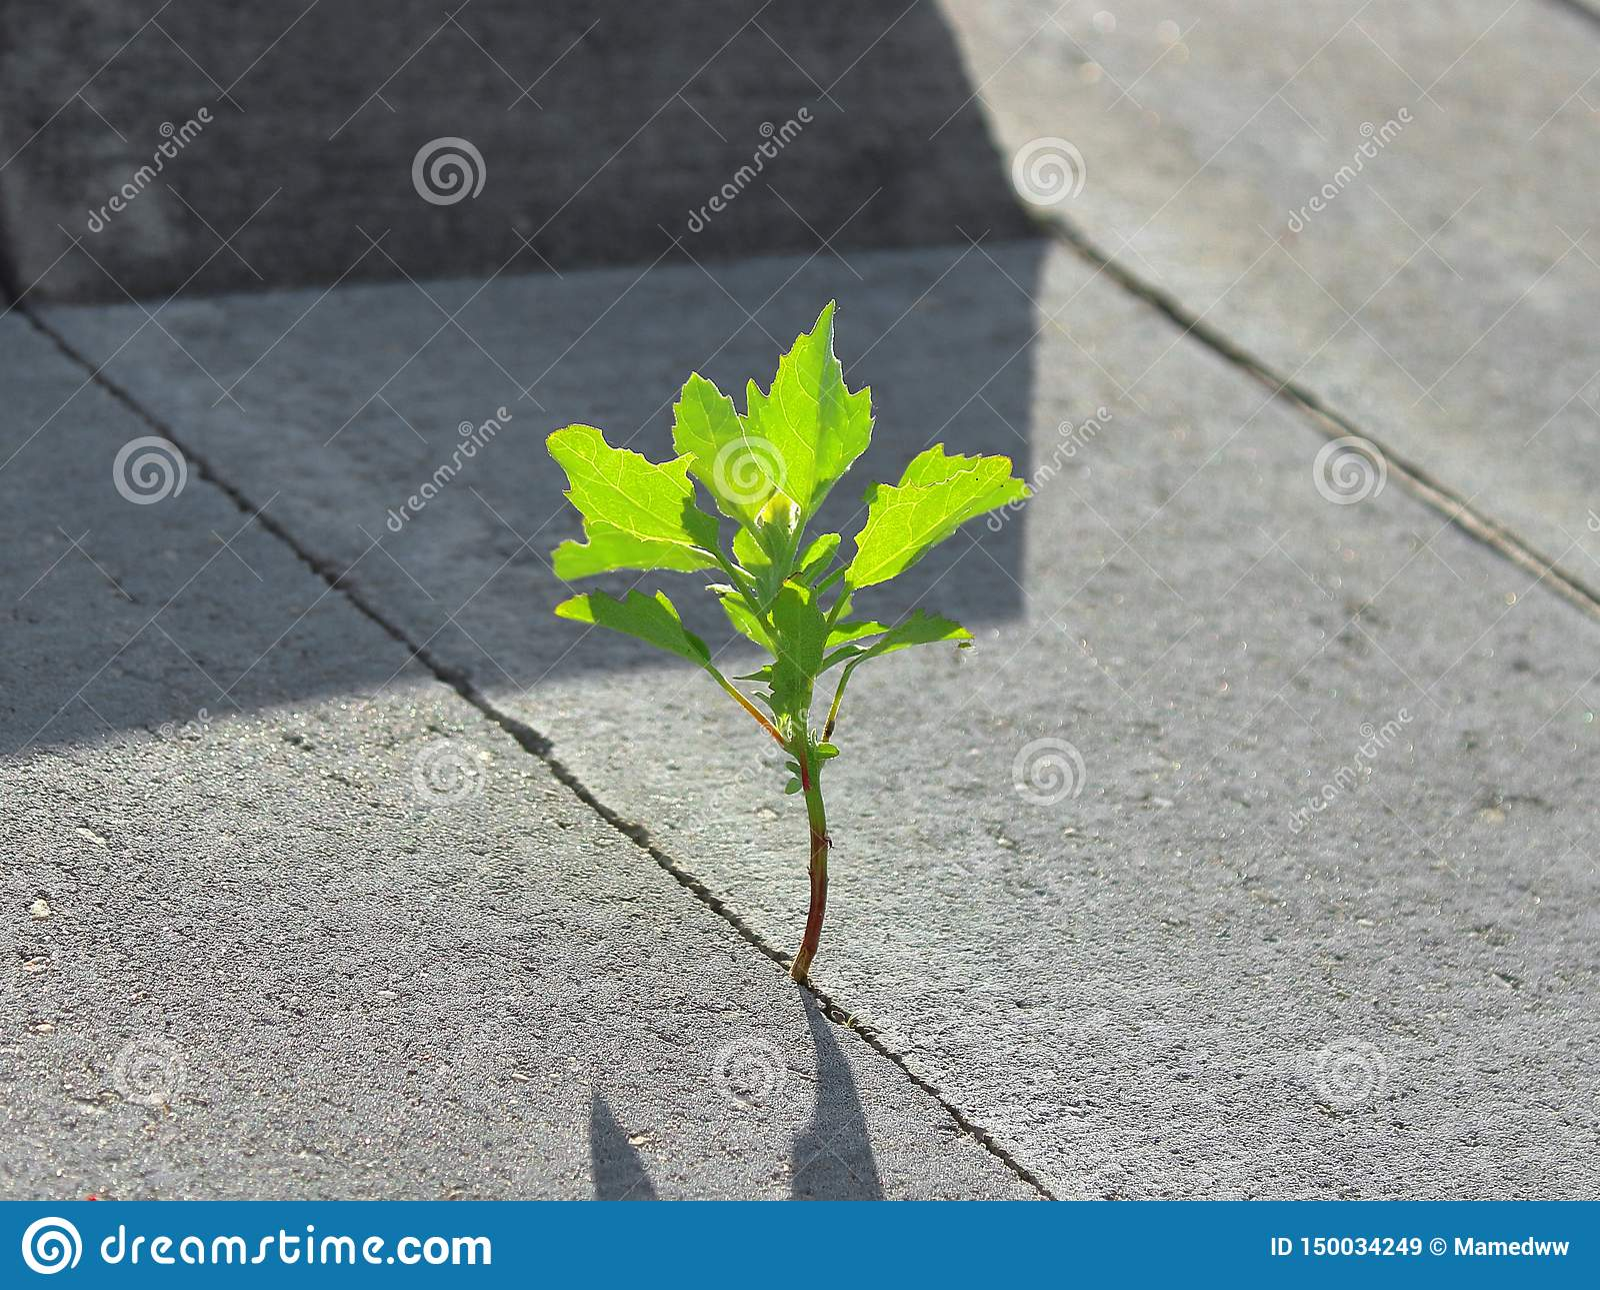 A green plant has broken through concrete